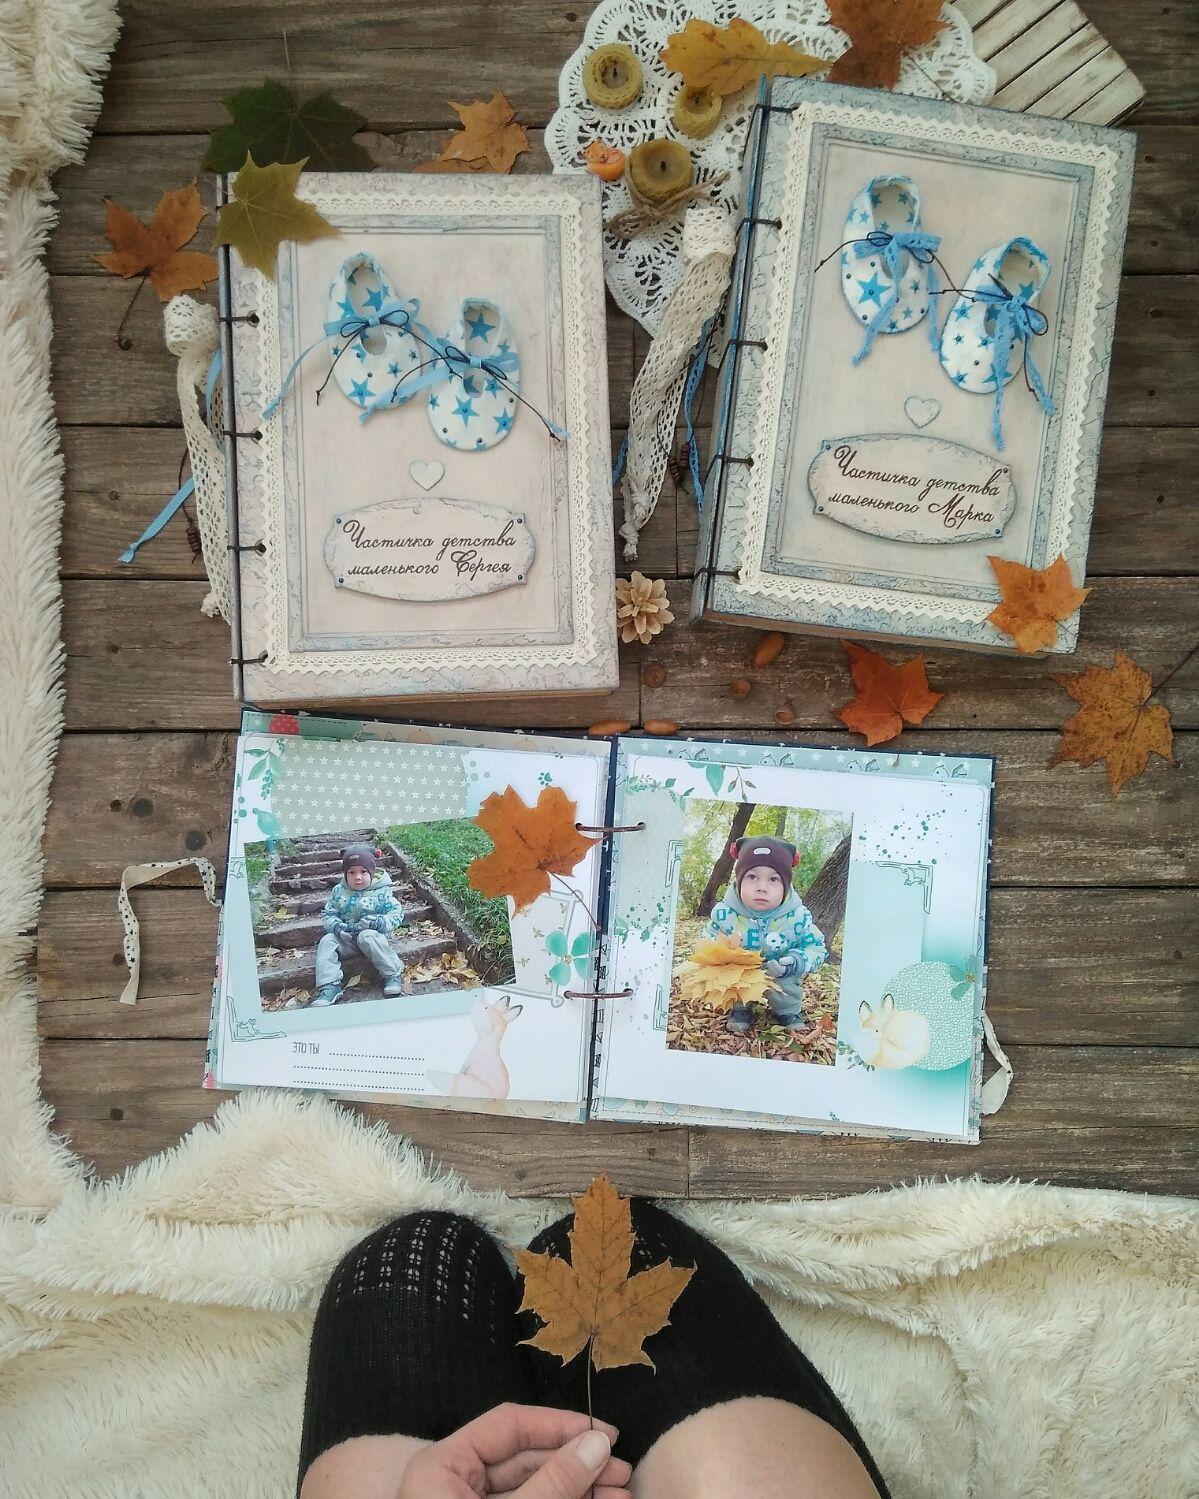 Фотоальбом для мальчика, Фотоальбомы, Вологда,  Фото №1